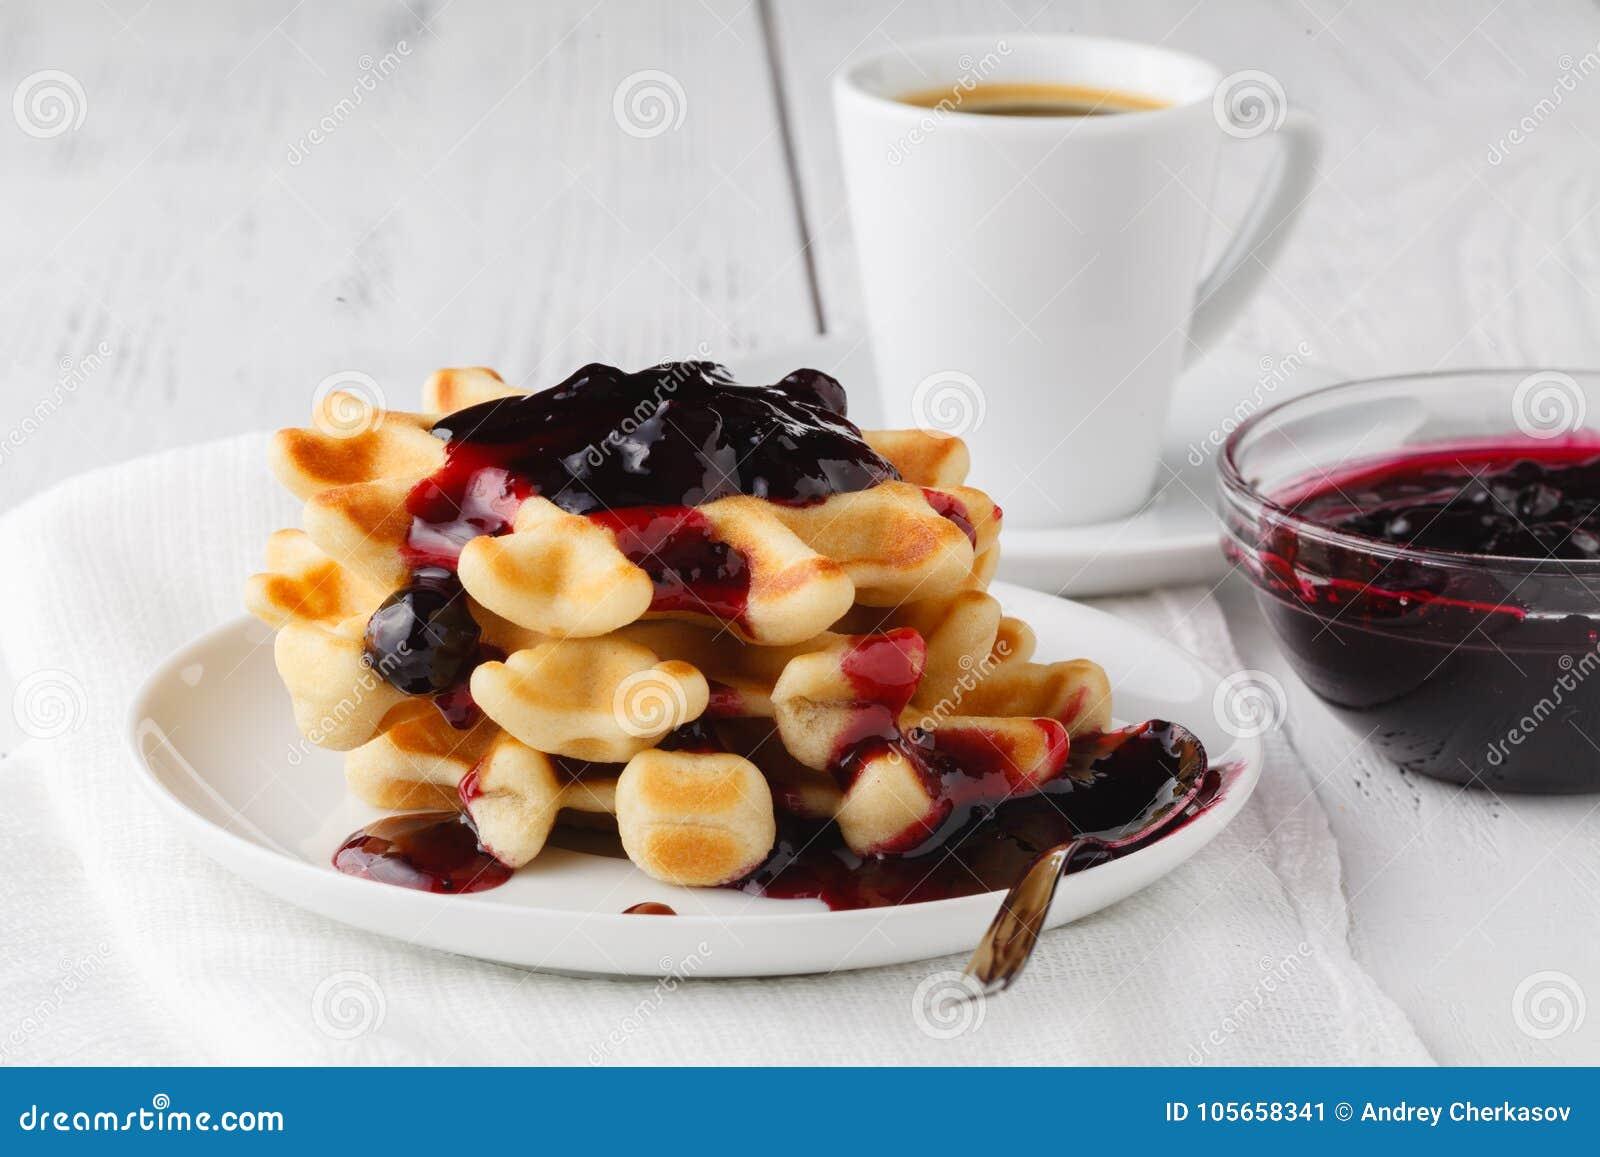 Belgische Waffeln mit creem und berrie stauen auf weißem hölzernem Hintergrund